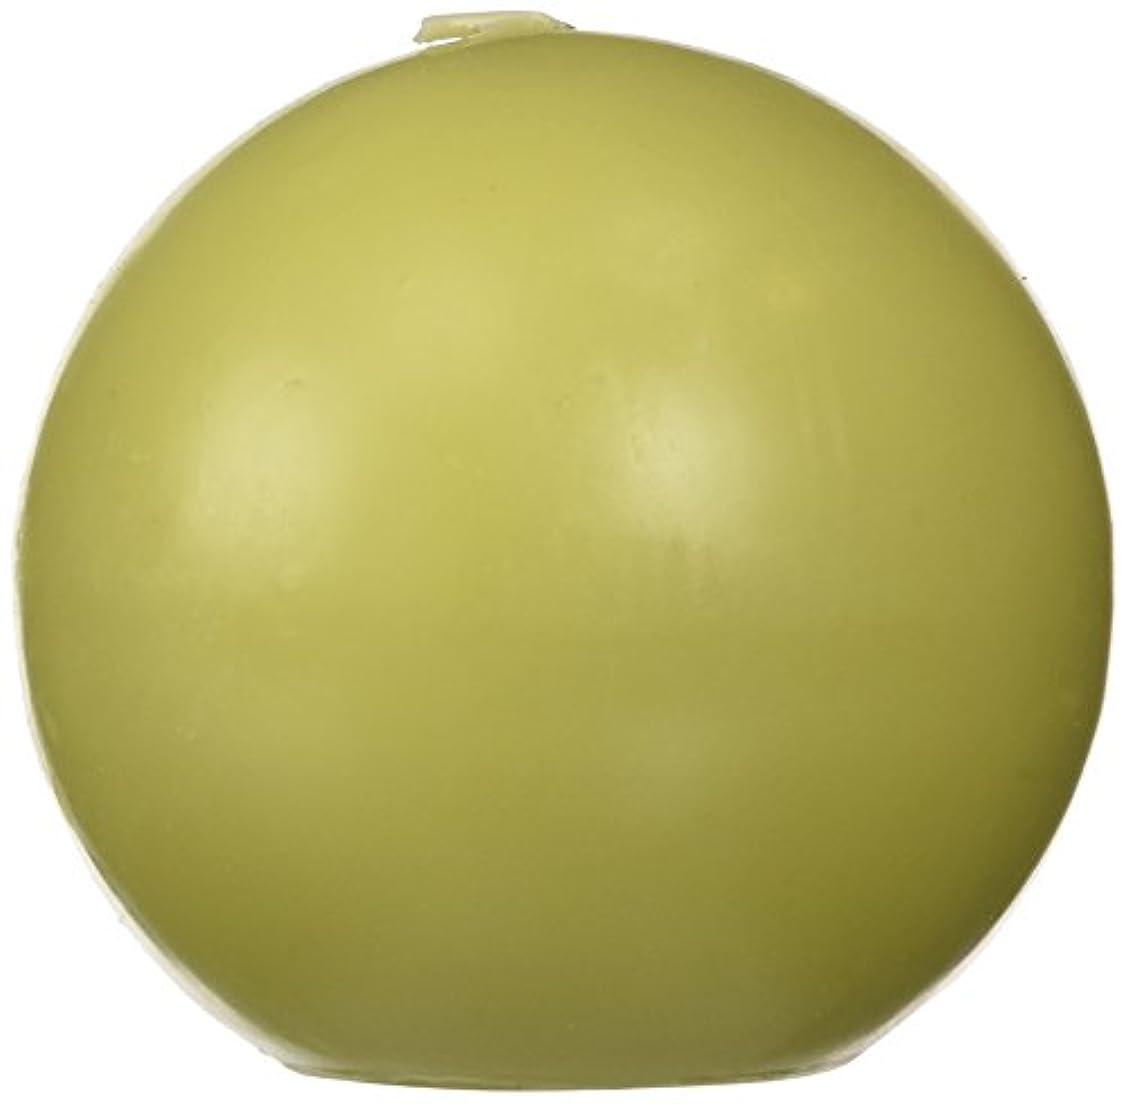 アドバンテージシャンプー見積りZest Candle CBZ-032 4 in. Sage Green Ball Candles -2pc-Box